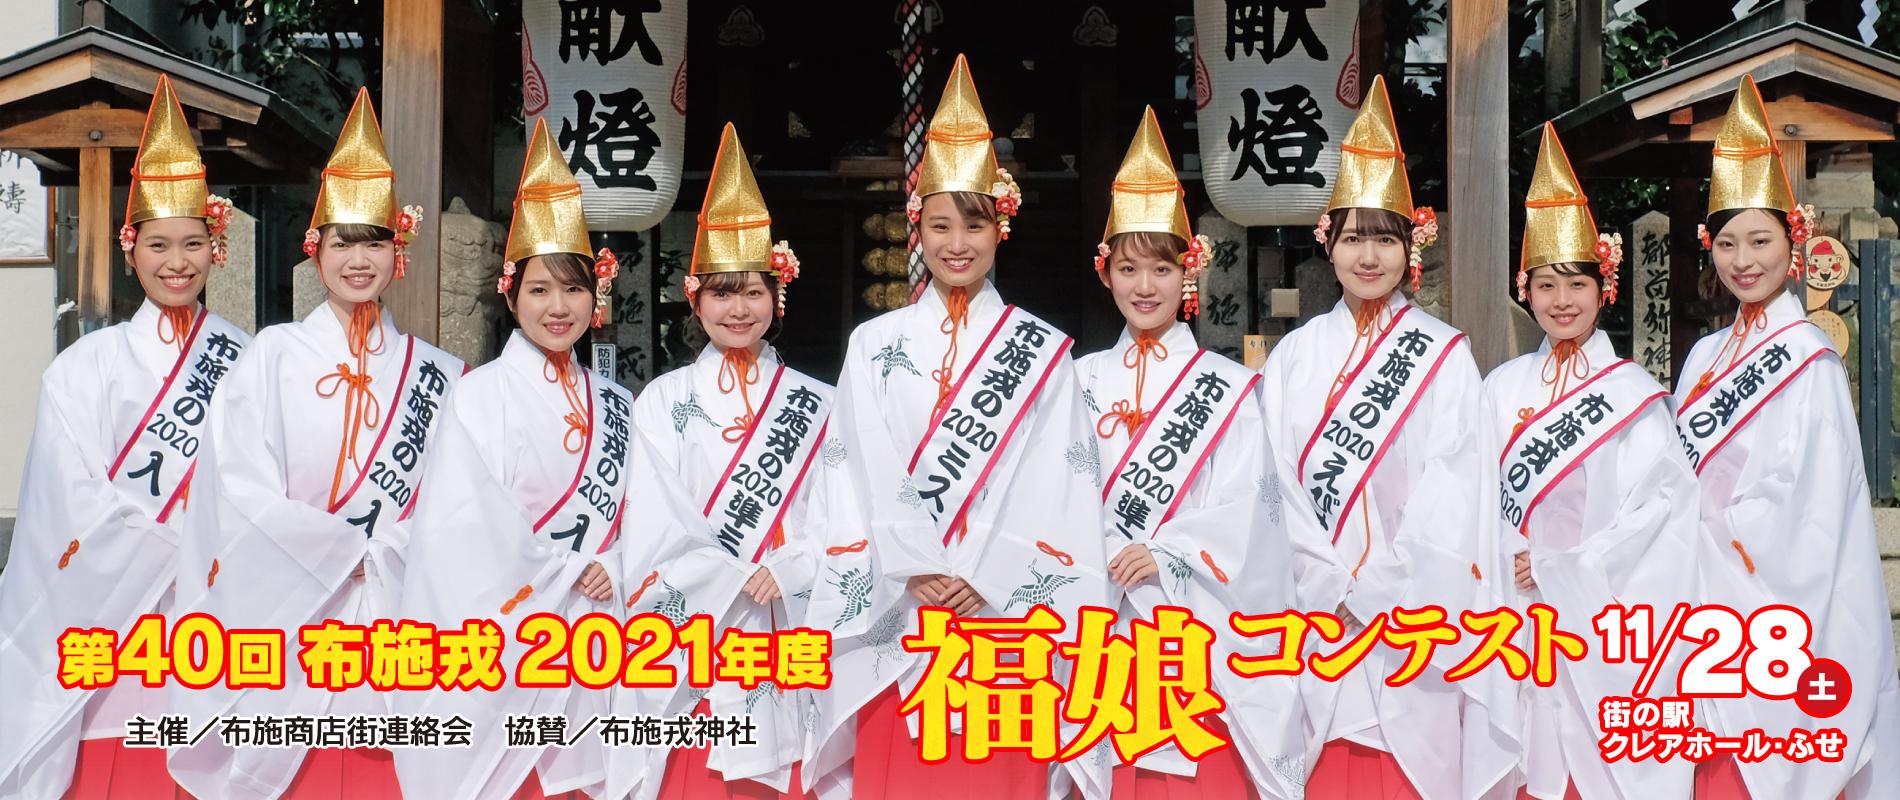 2021福娘コンテスト